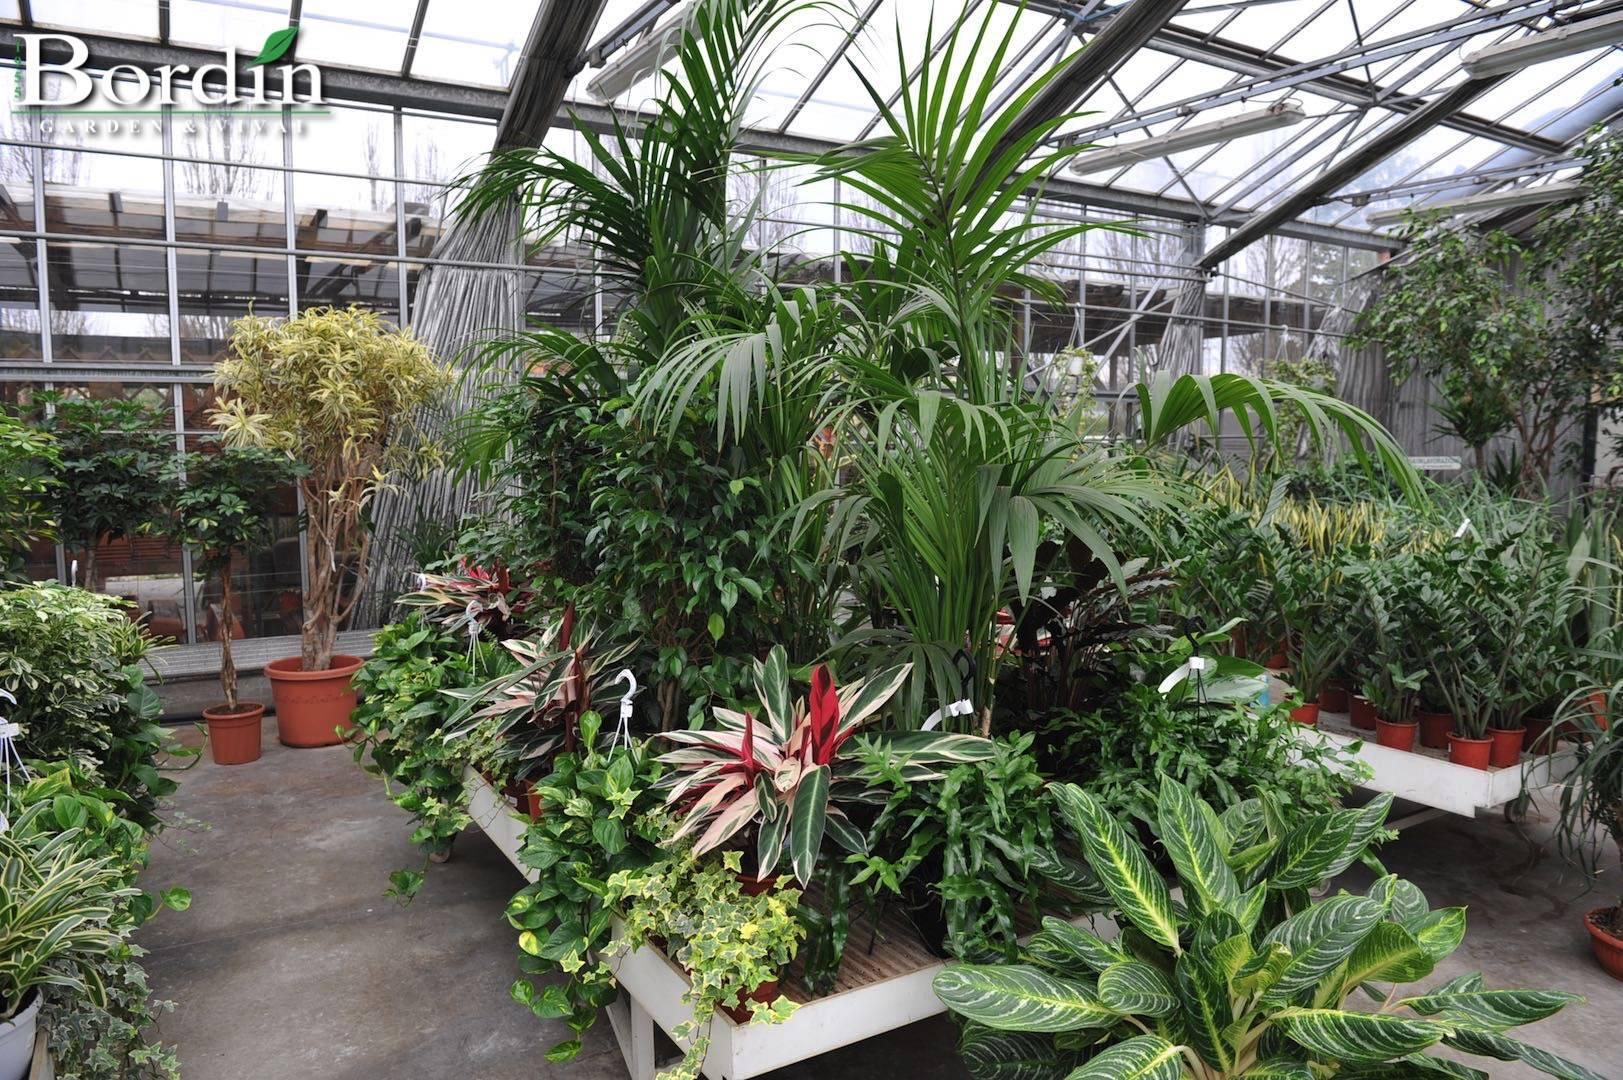 Piante da interno moderne vasi per piante da interno for Piante verdi da interno